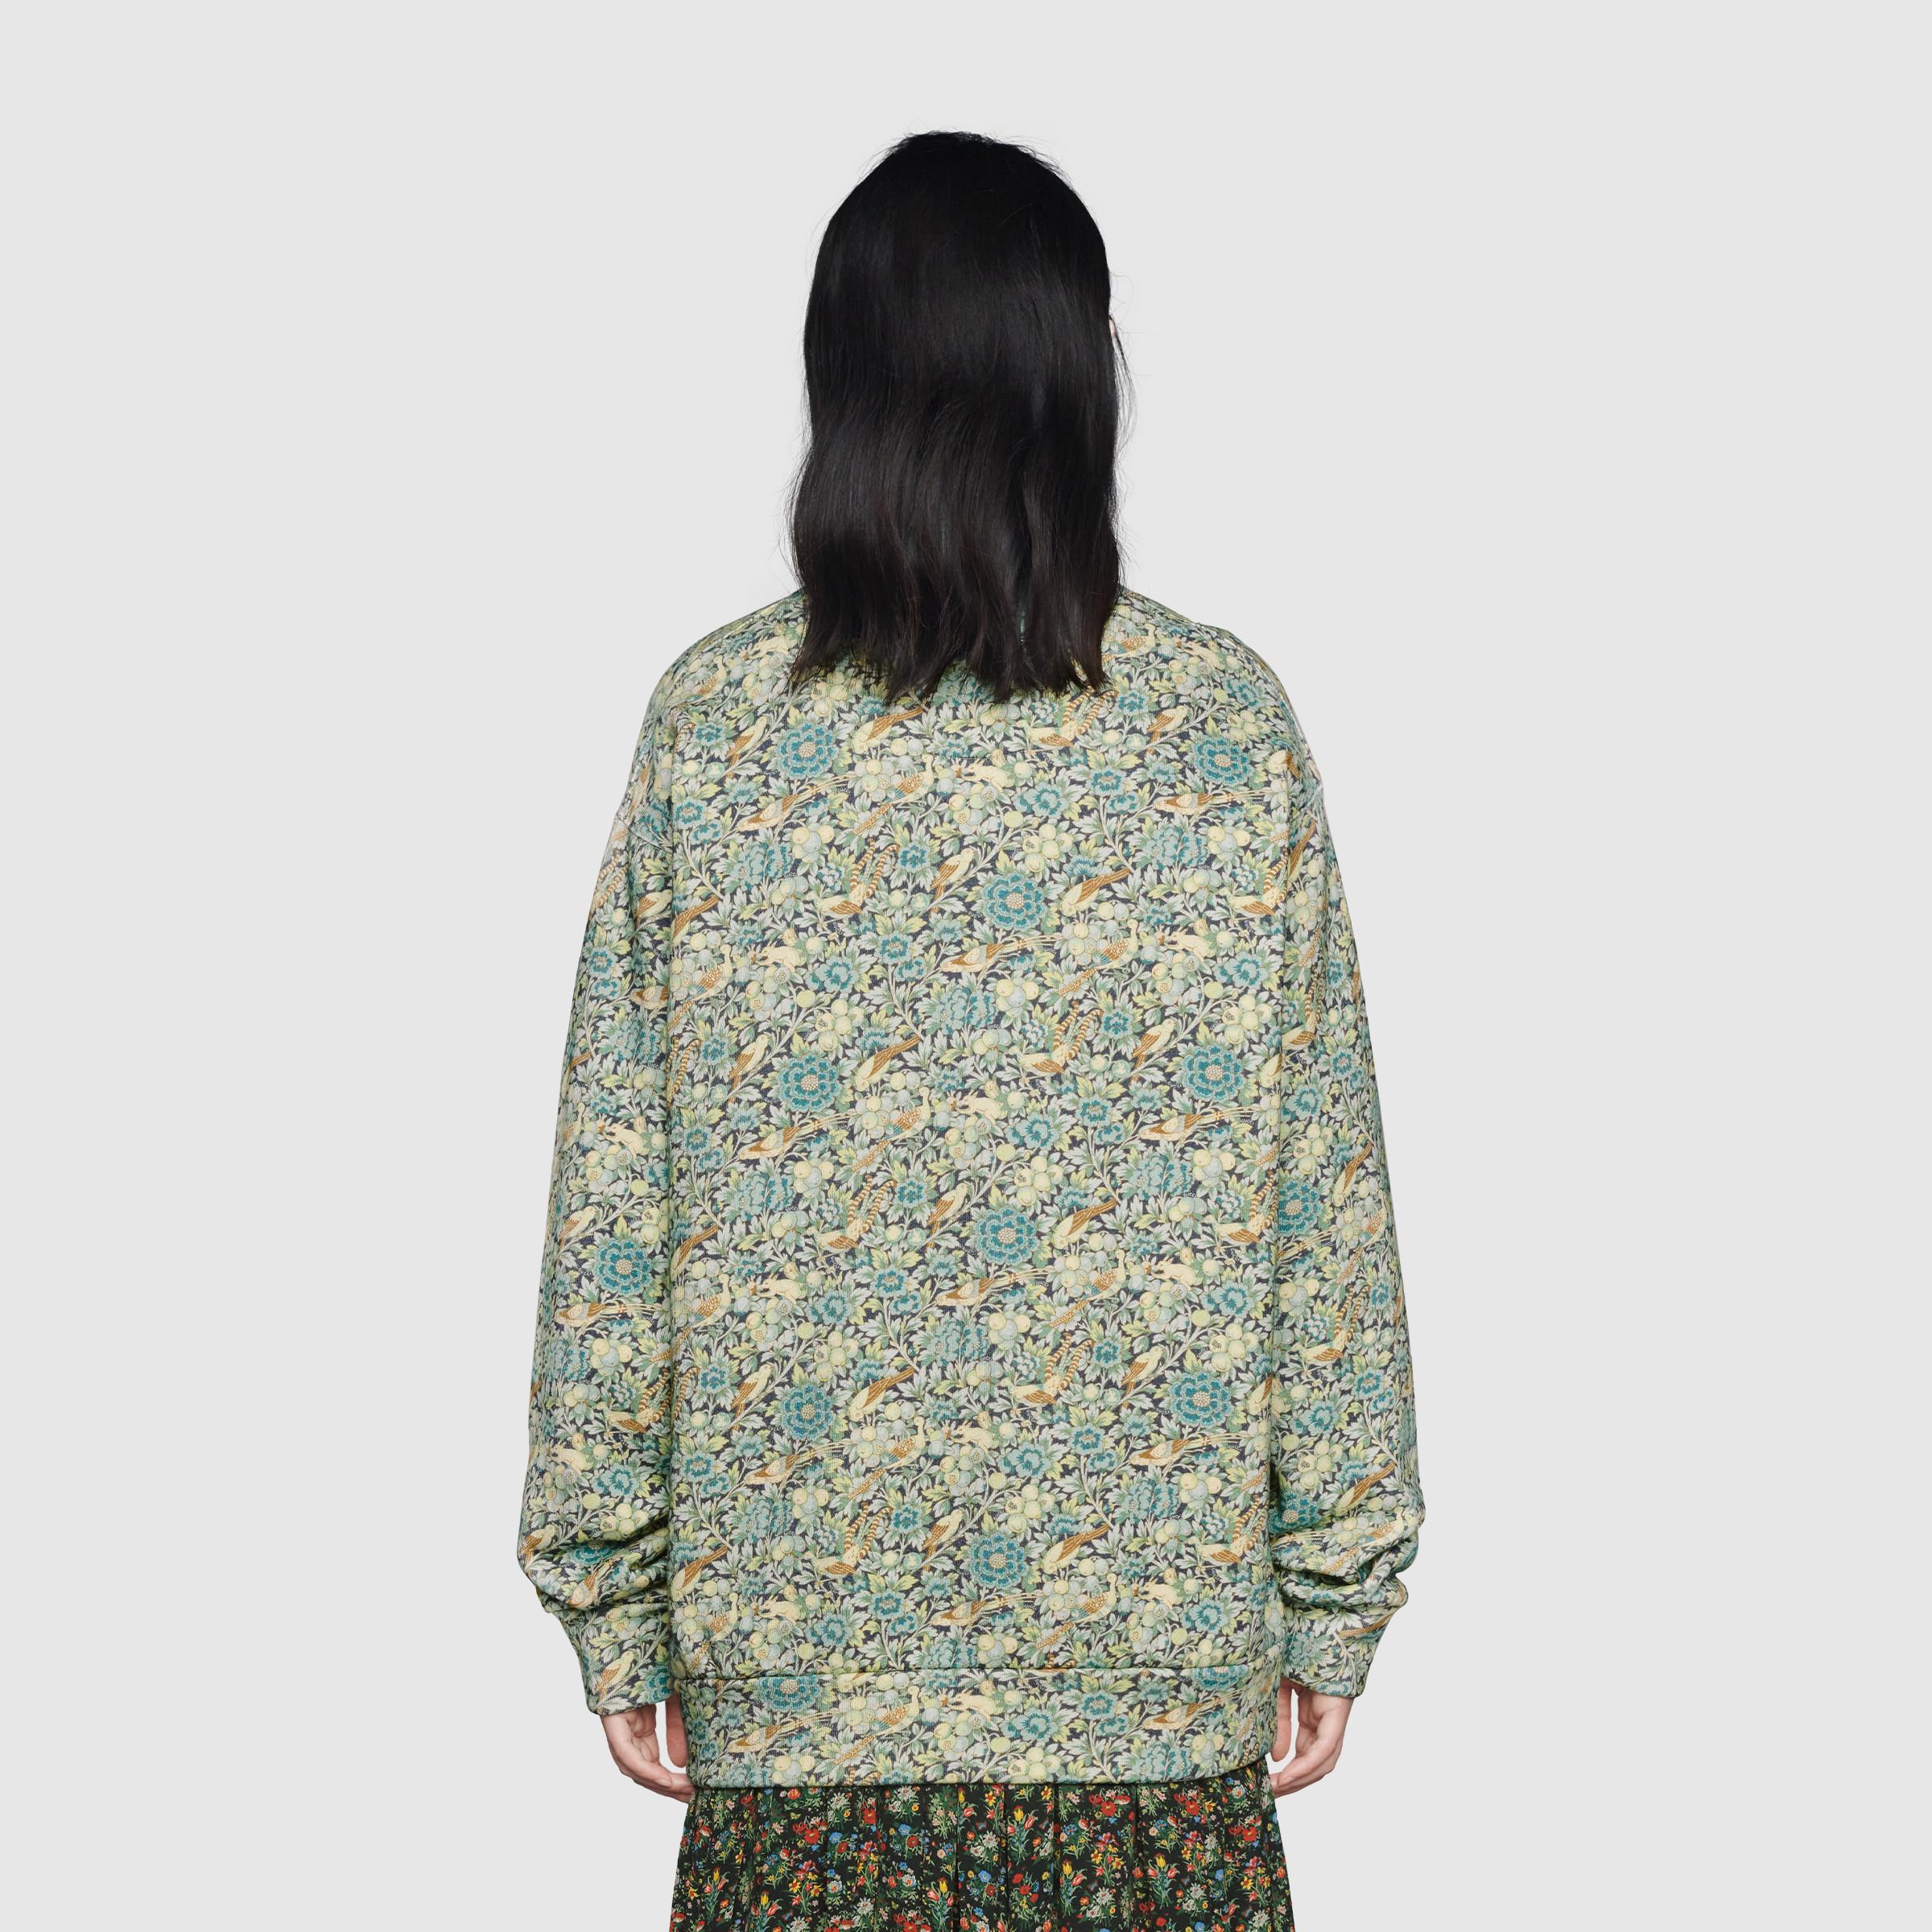 유럽직배송 구찌 GUCCI Gucci - Online Exclusive Gucci Liberty sweatshirt 638043XJCZ84581